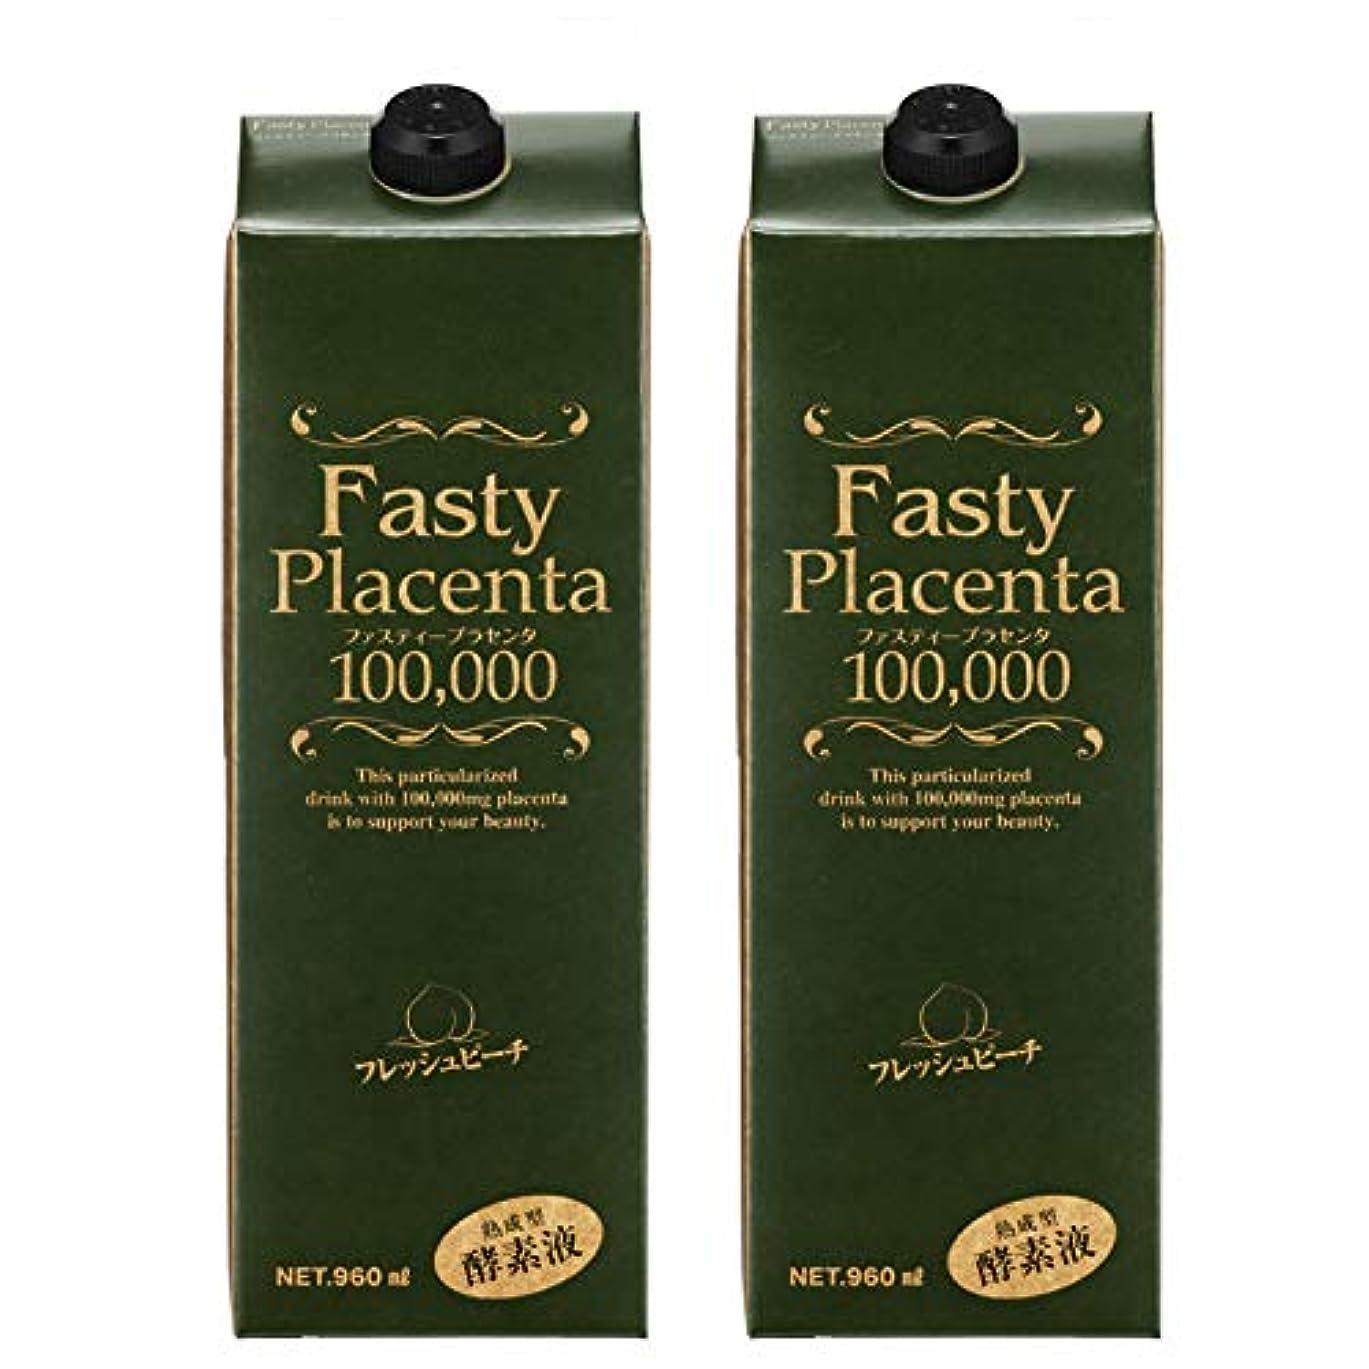 かどうか百万主流ファスティープラセンタ100,000 増量パック(フレッシュピーチ味) 2本